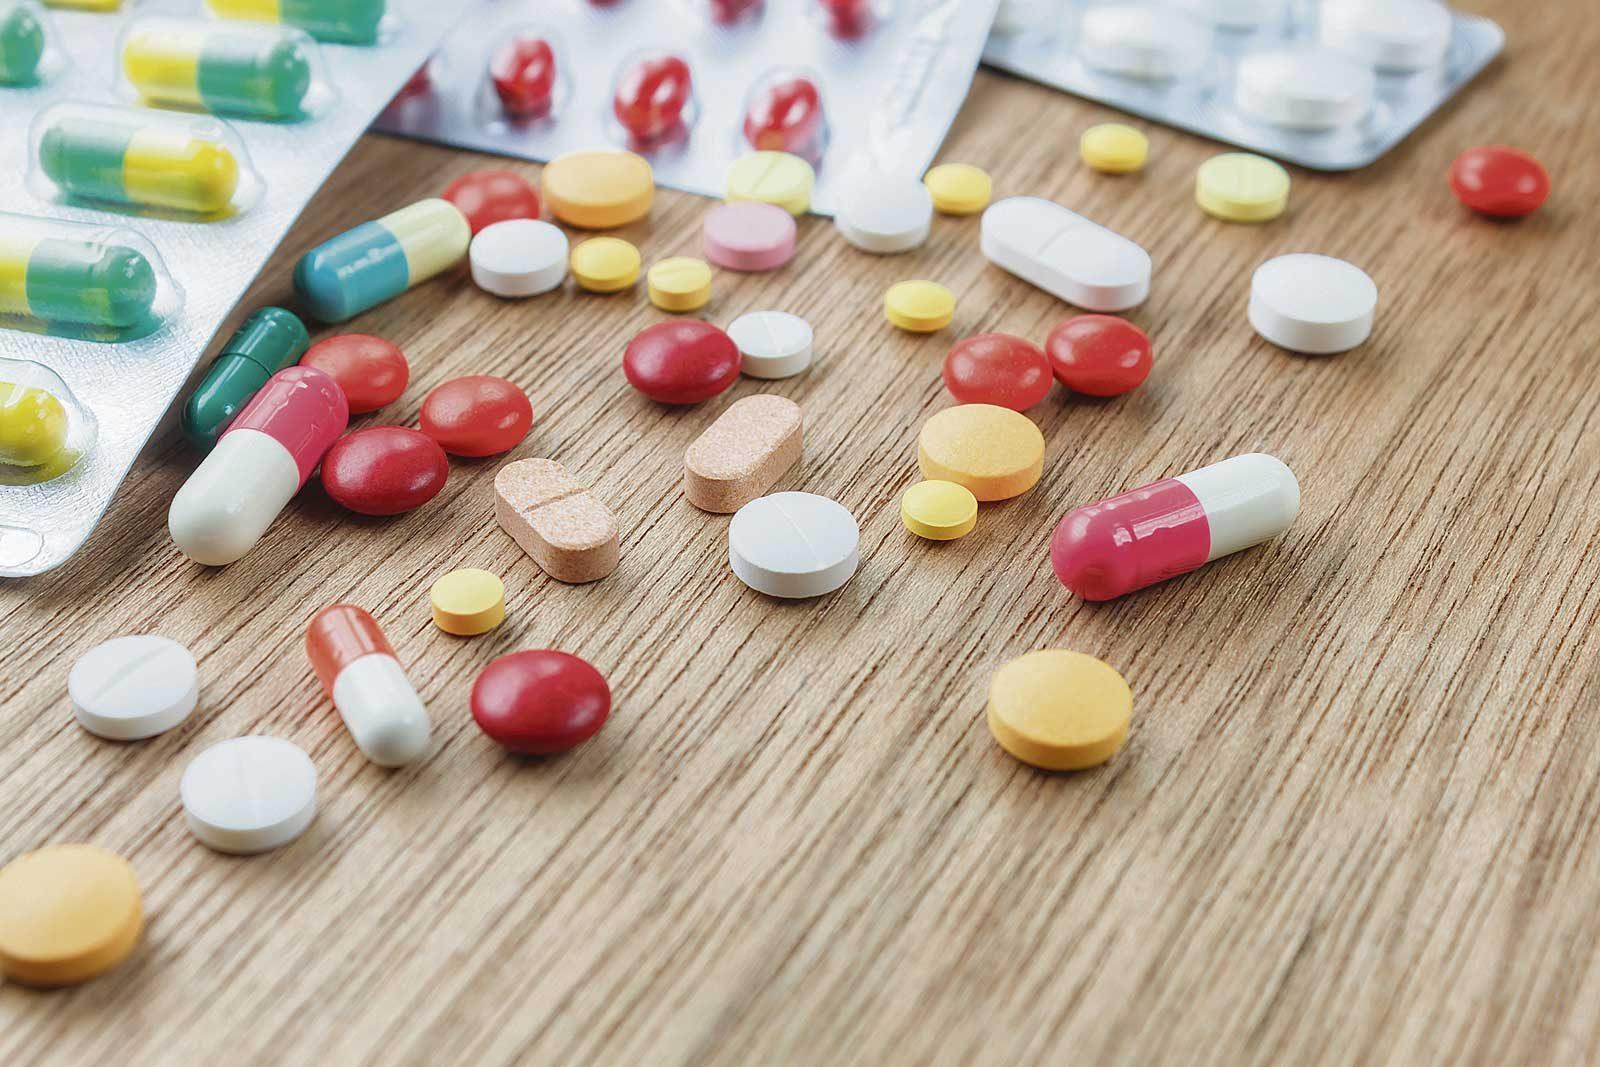 medicament pentru dureri articulare intramuscular)